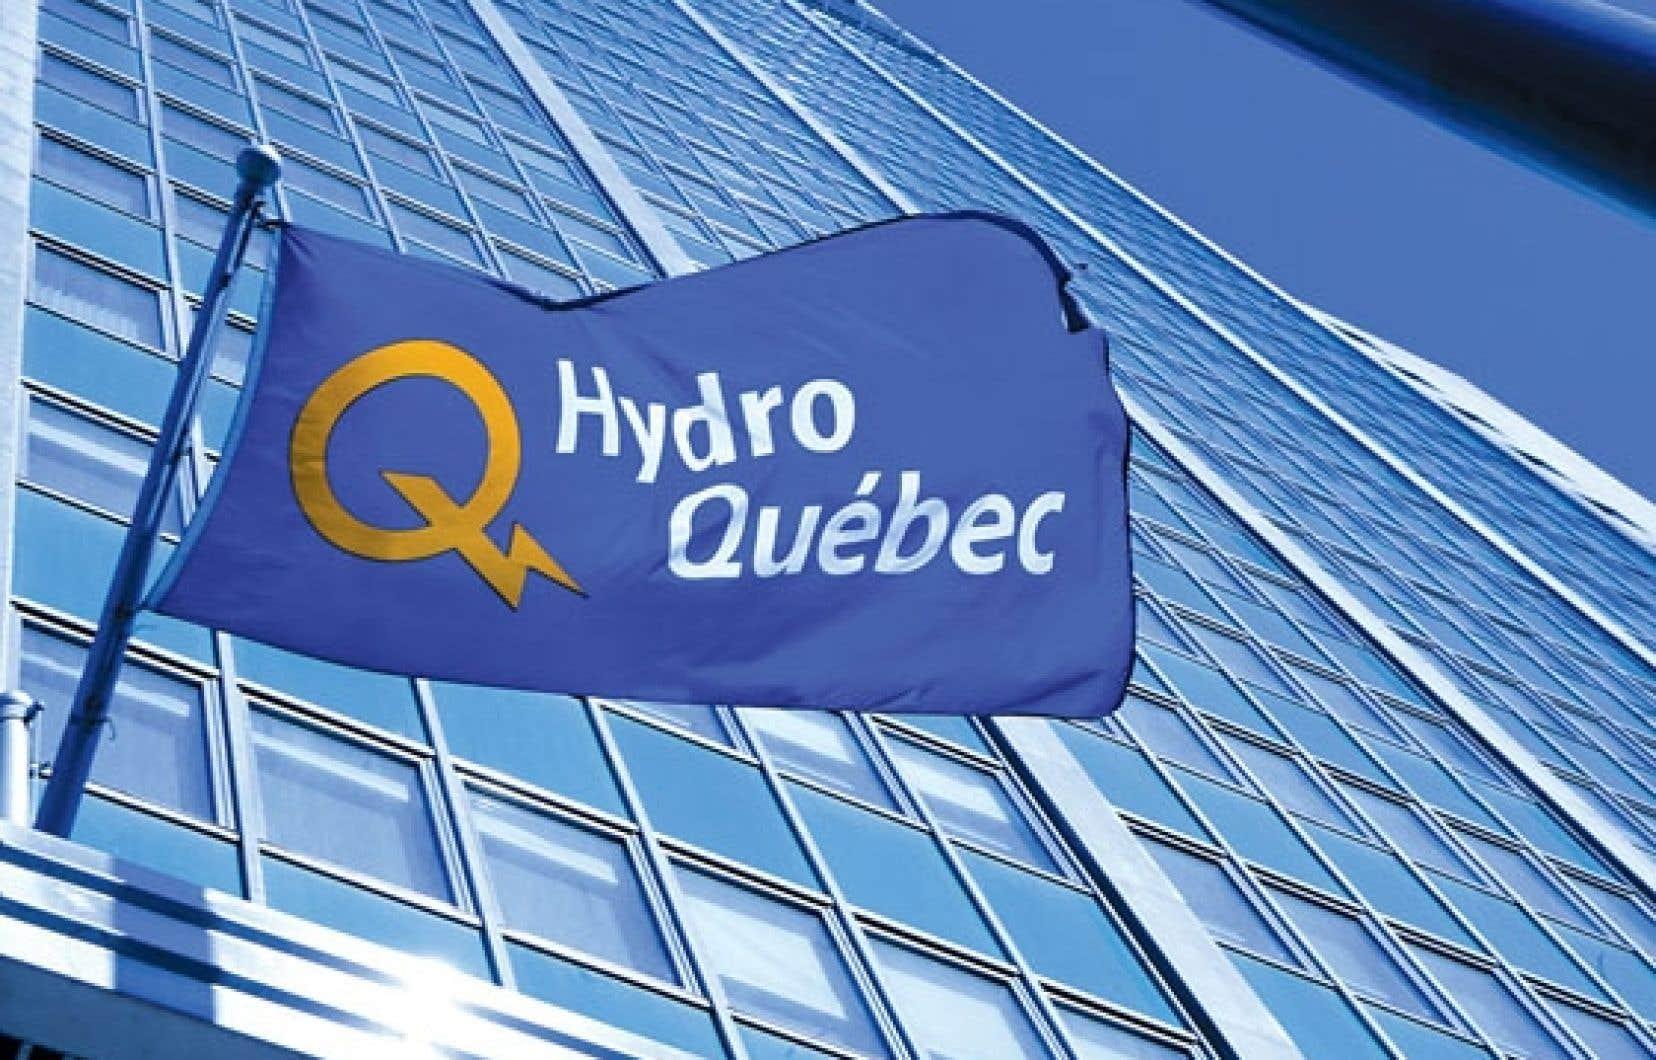 <div> Les nouveaux compteurs d'Hydro-Québec sont au centre d'une polémique injustifiée selon un groupe de 60 scientifiques.</div>